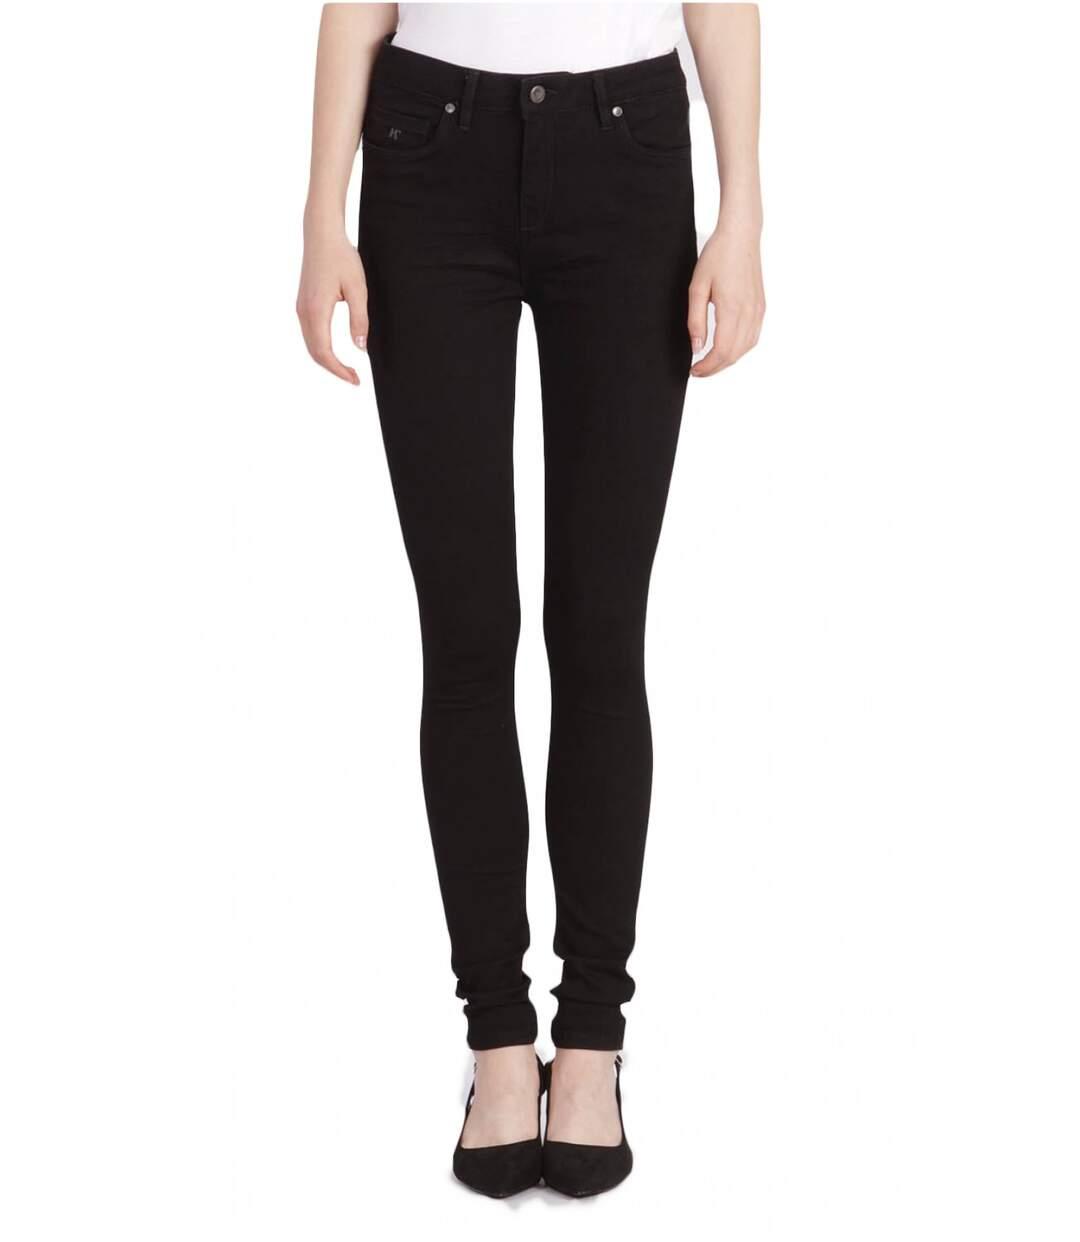 Jean noir taille haute  -  Kaporal - Femme